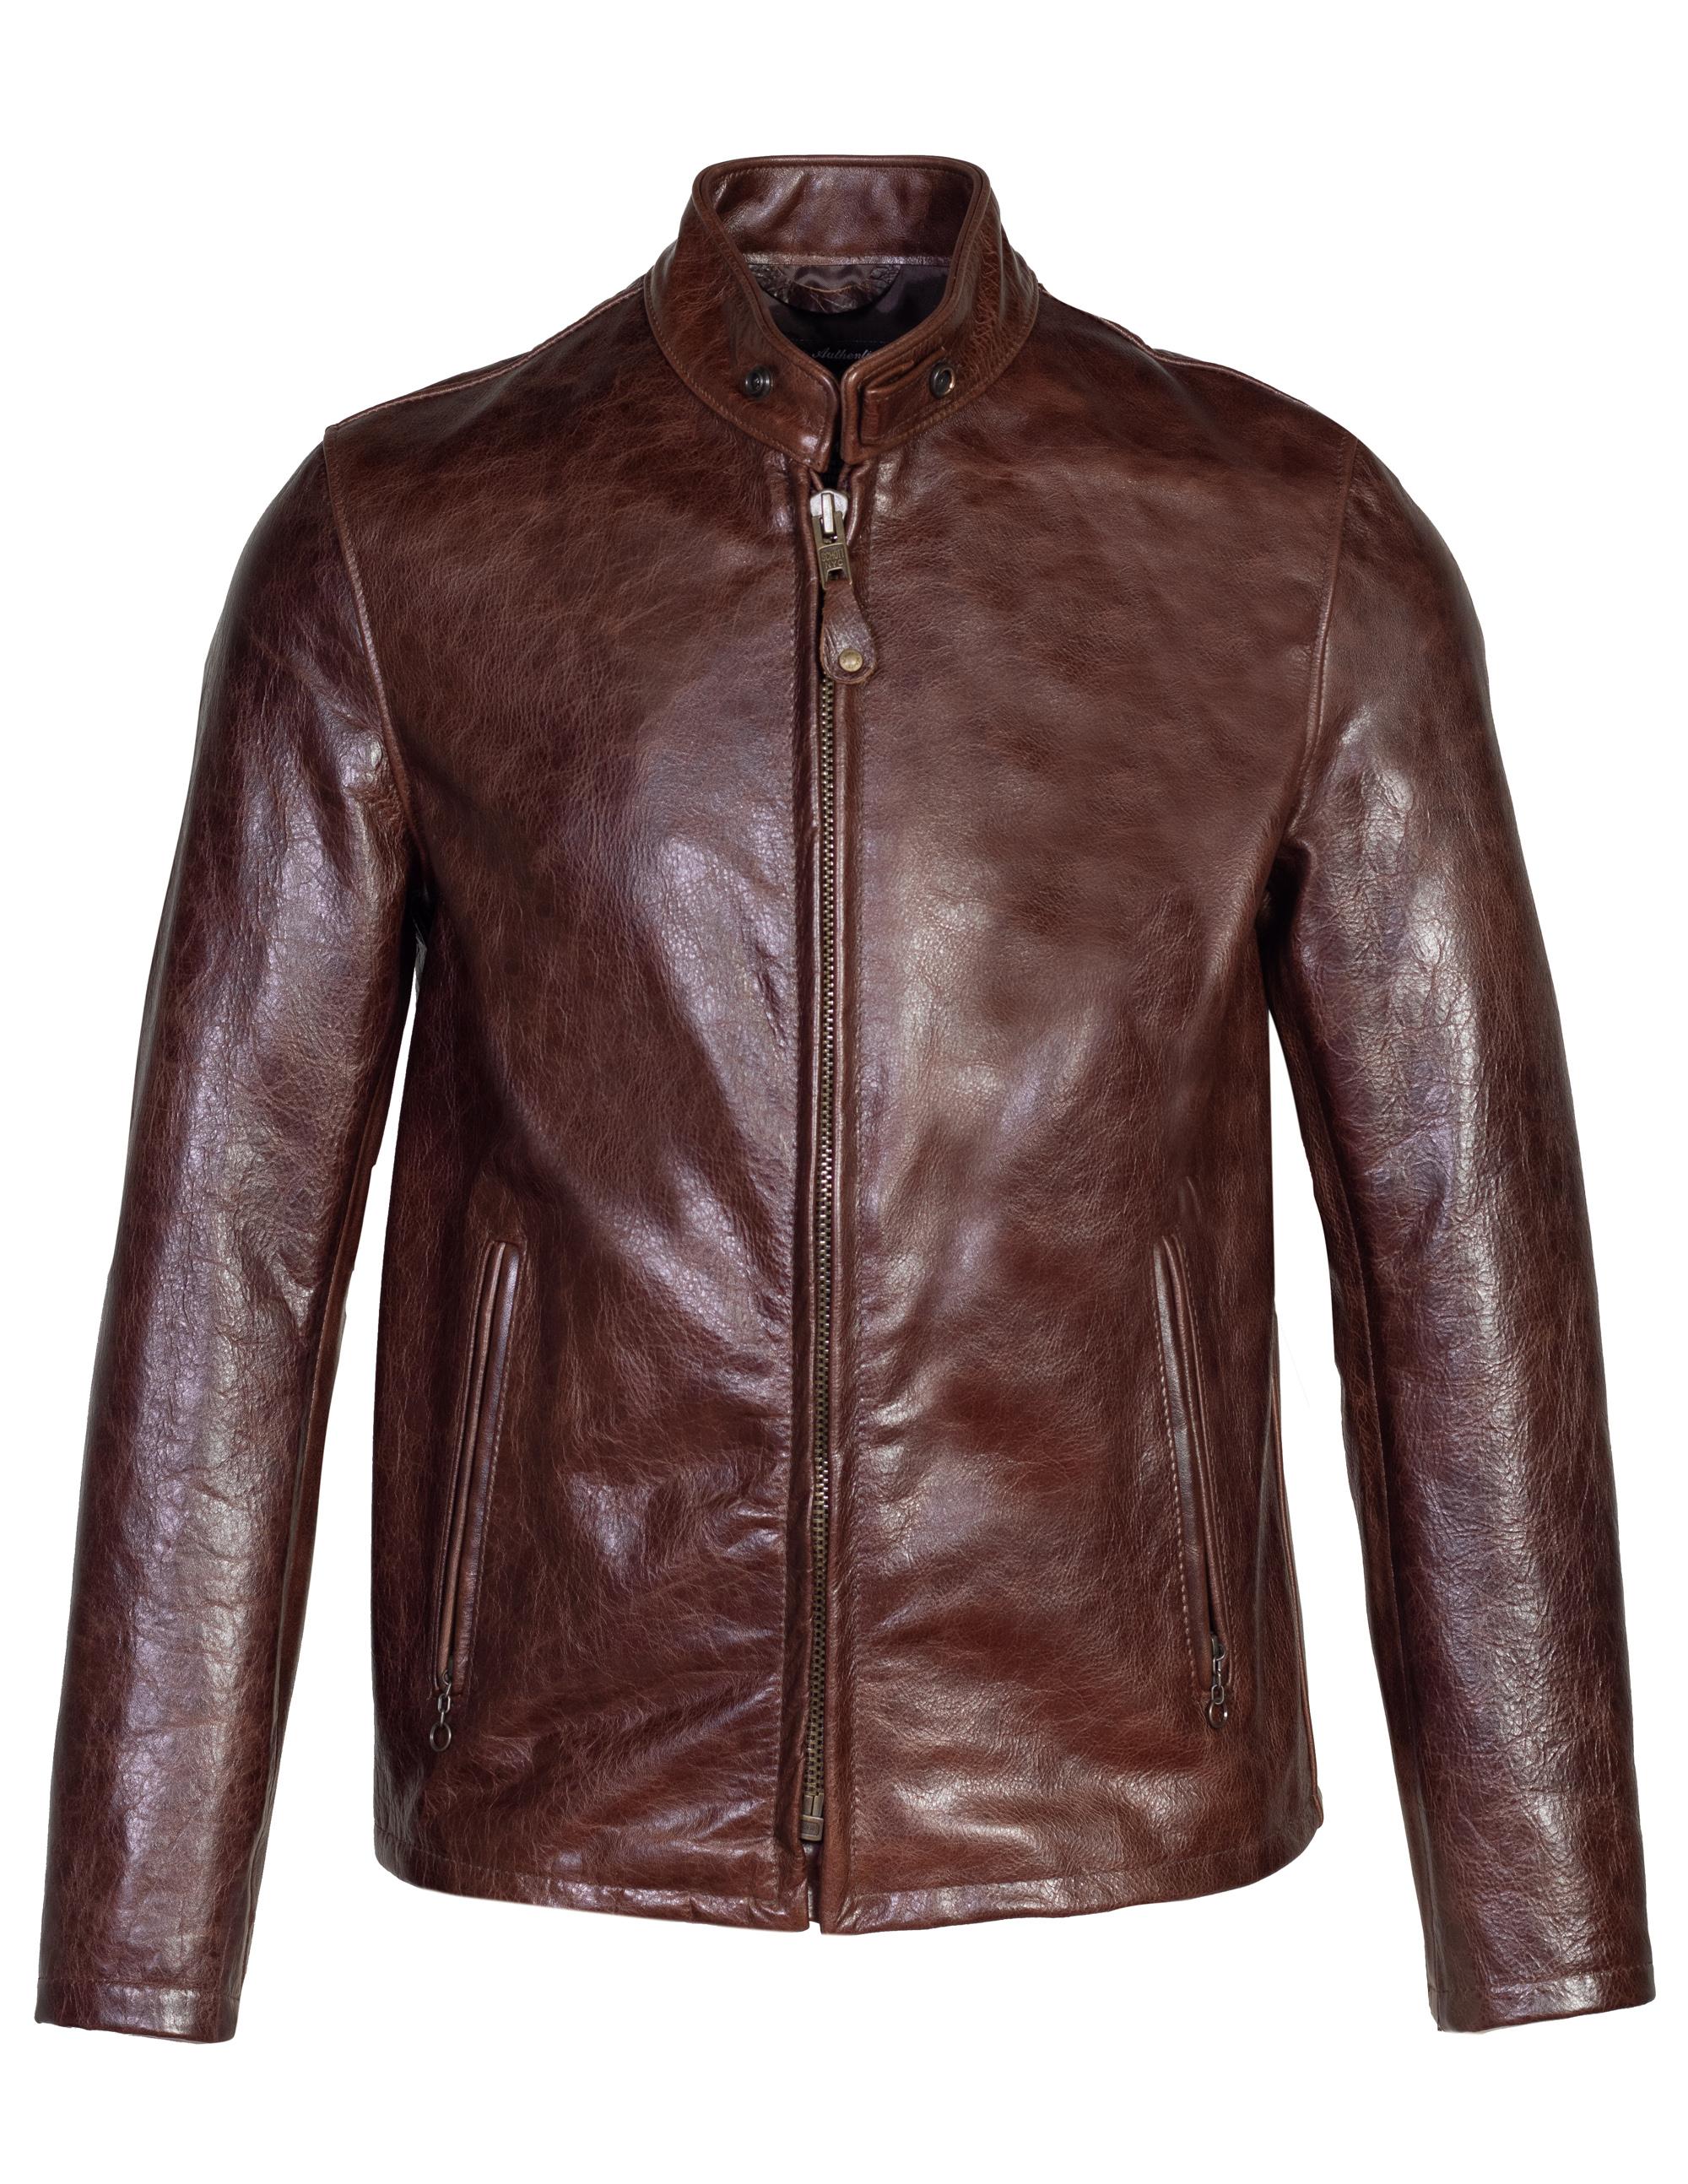 Schott N.Y.C. 654 Cowhide Casual Racer Leather Jacket